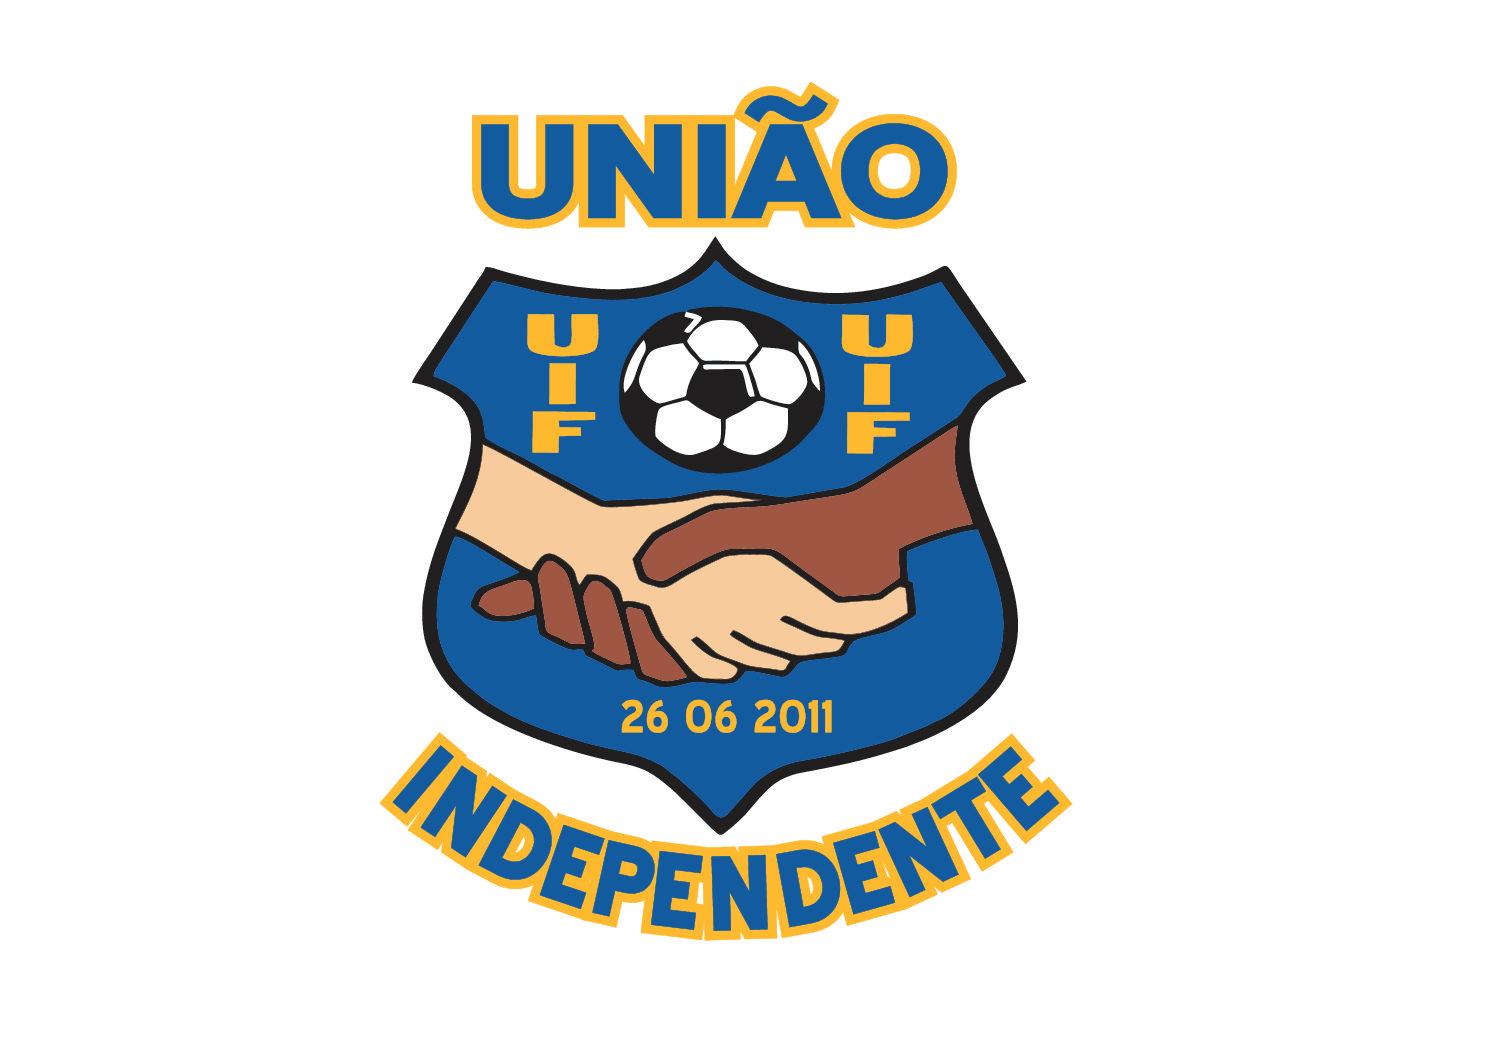 KIT DE TREINO DE GOLEIROS PARA EQUIPE DO UNIÃO INDEPENDENTE DE SANTA MARIA/RS PARA A DISPUTA DO ESTADUAL SÉRIE BRONZE 2018.